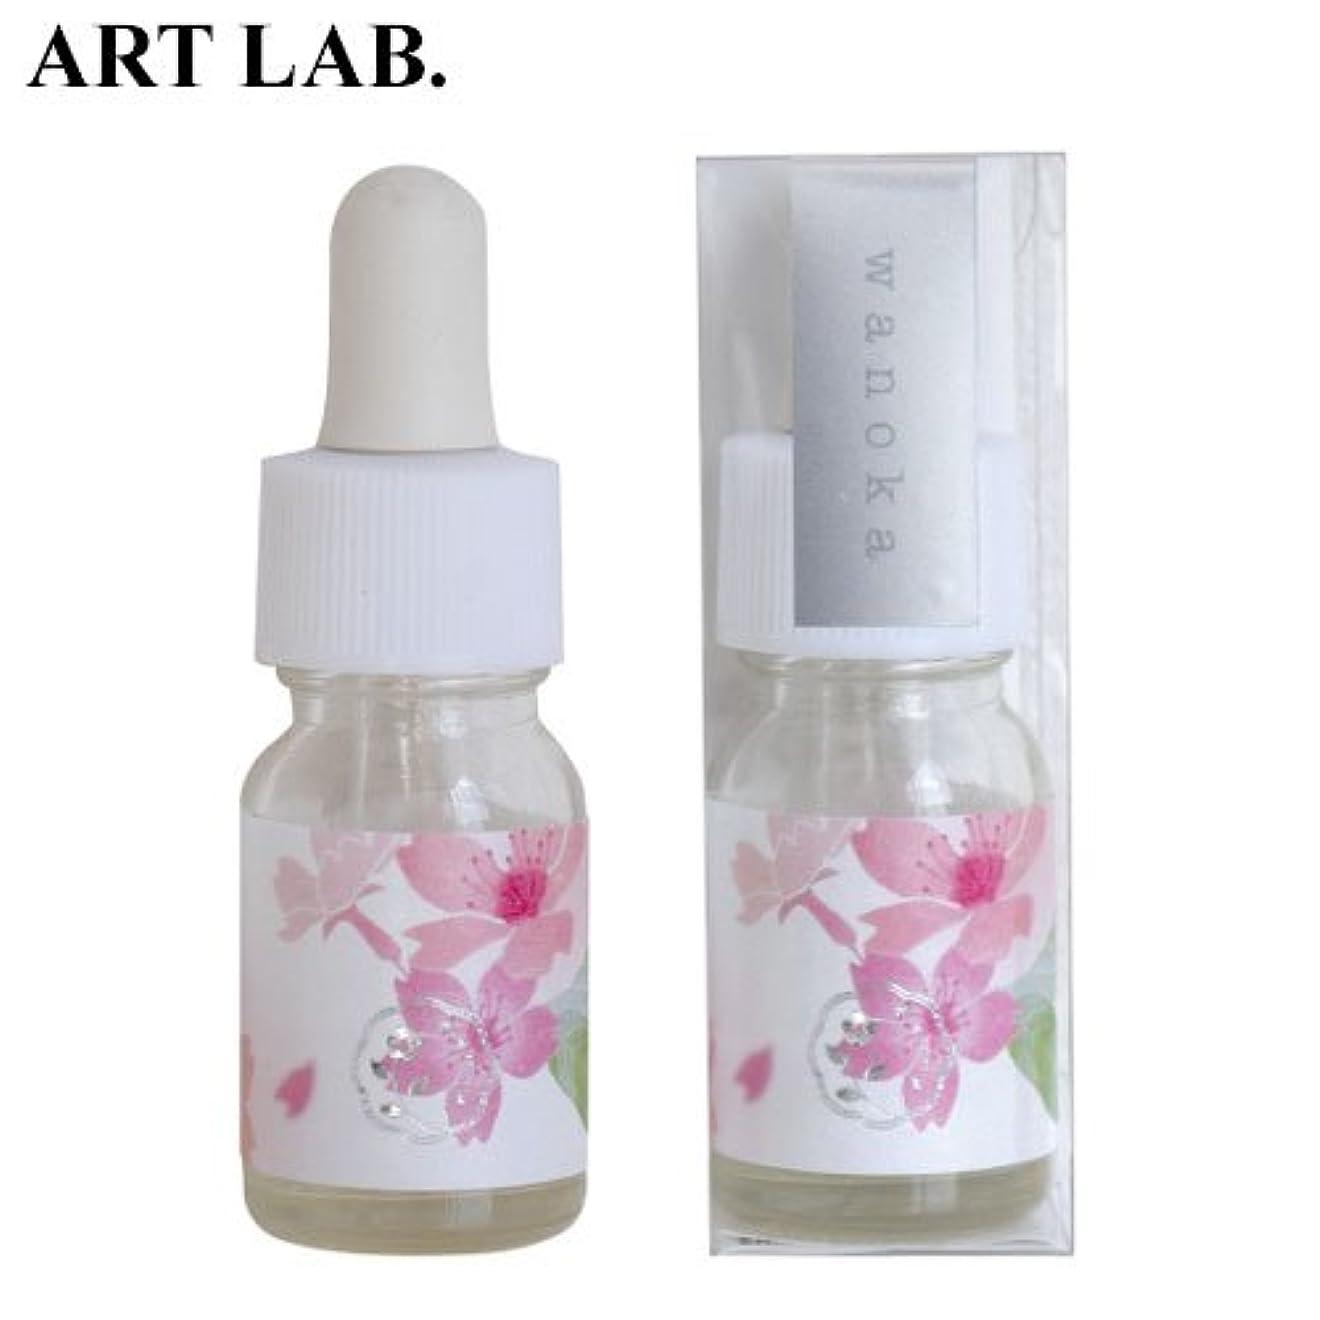 ページ荒廃する旅wanoka香油アロマオイル桜《桜をイメージした甘い香り》ART LABAromatic oil